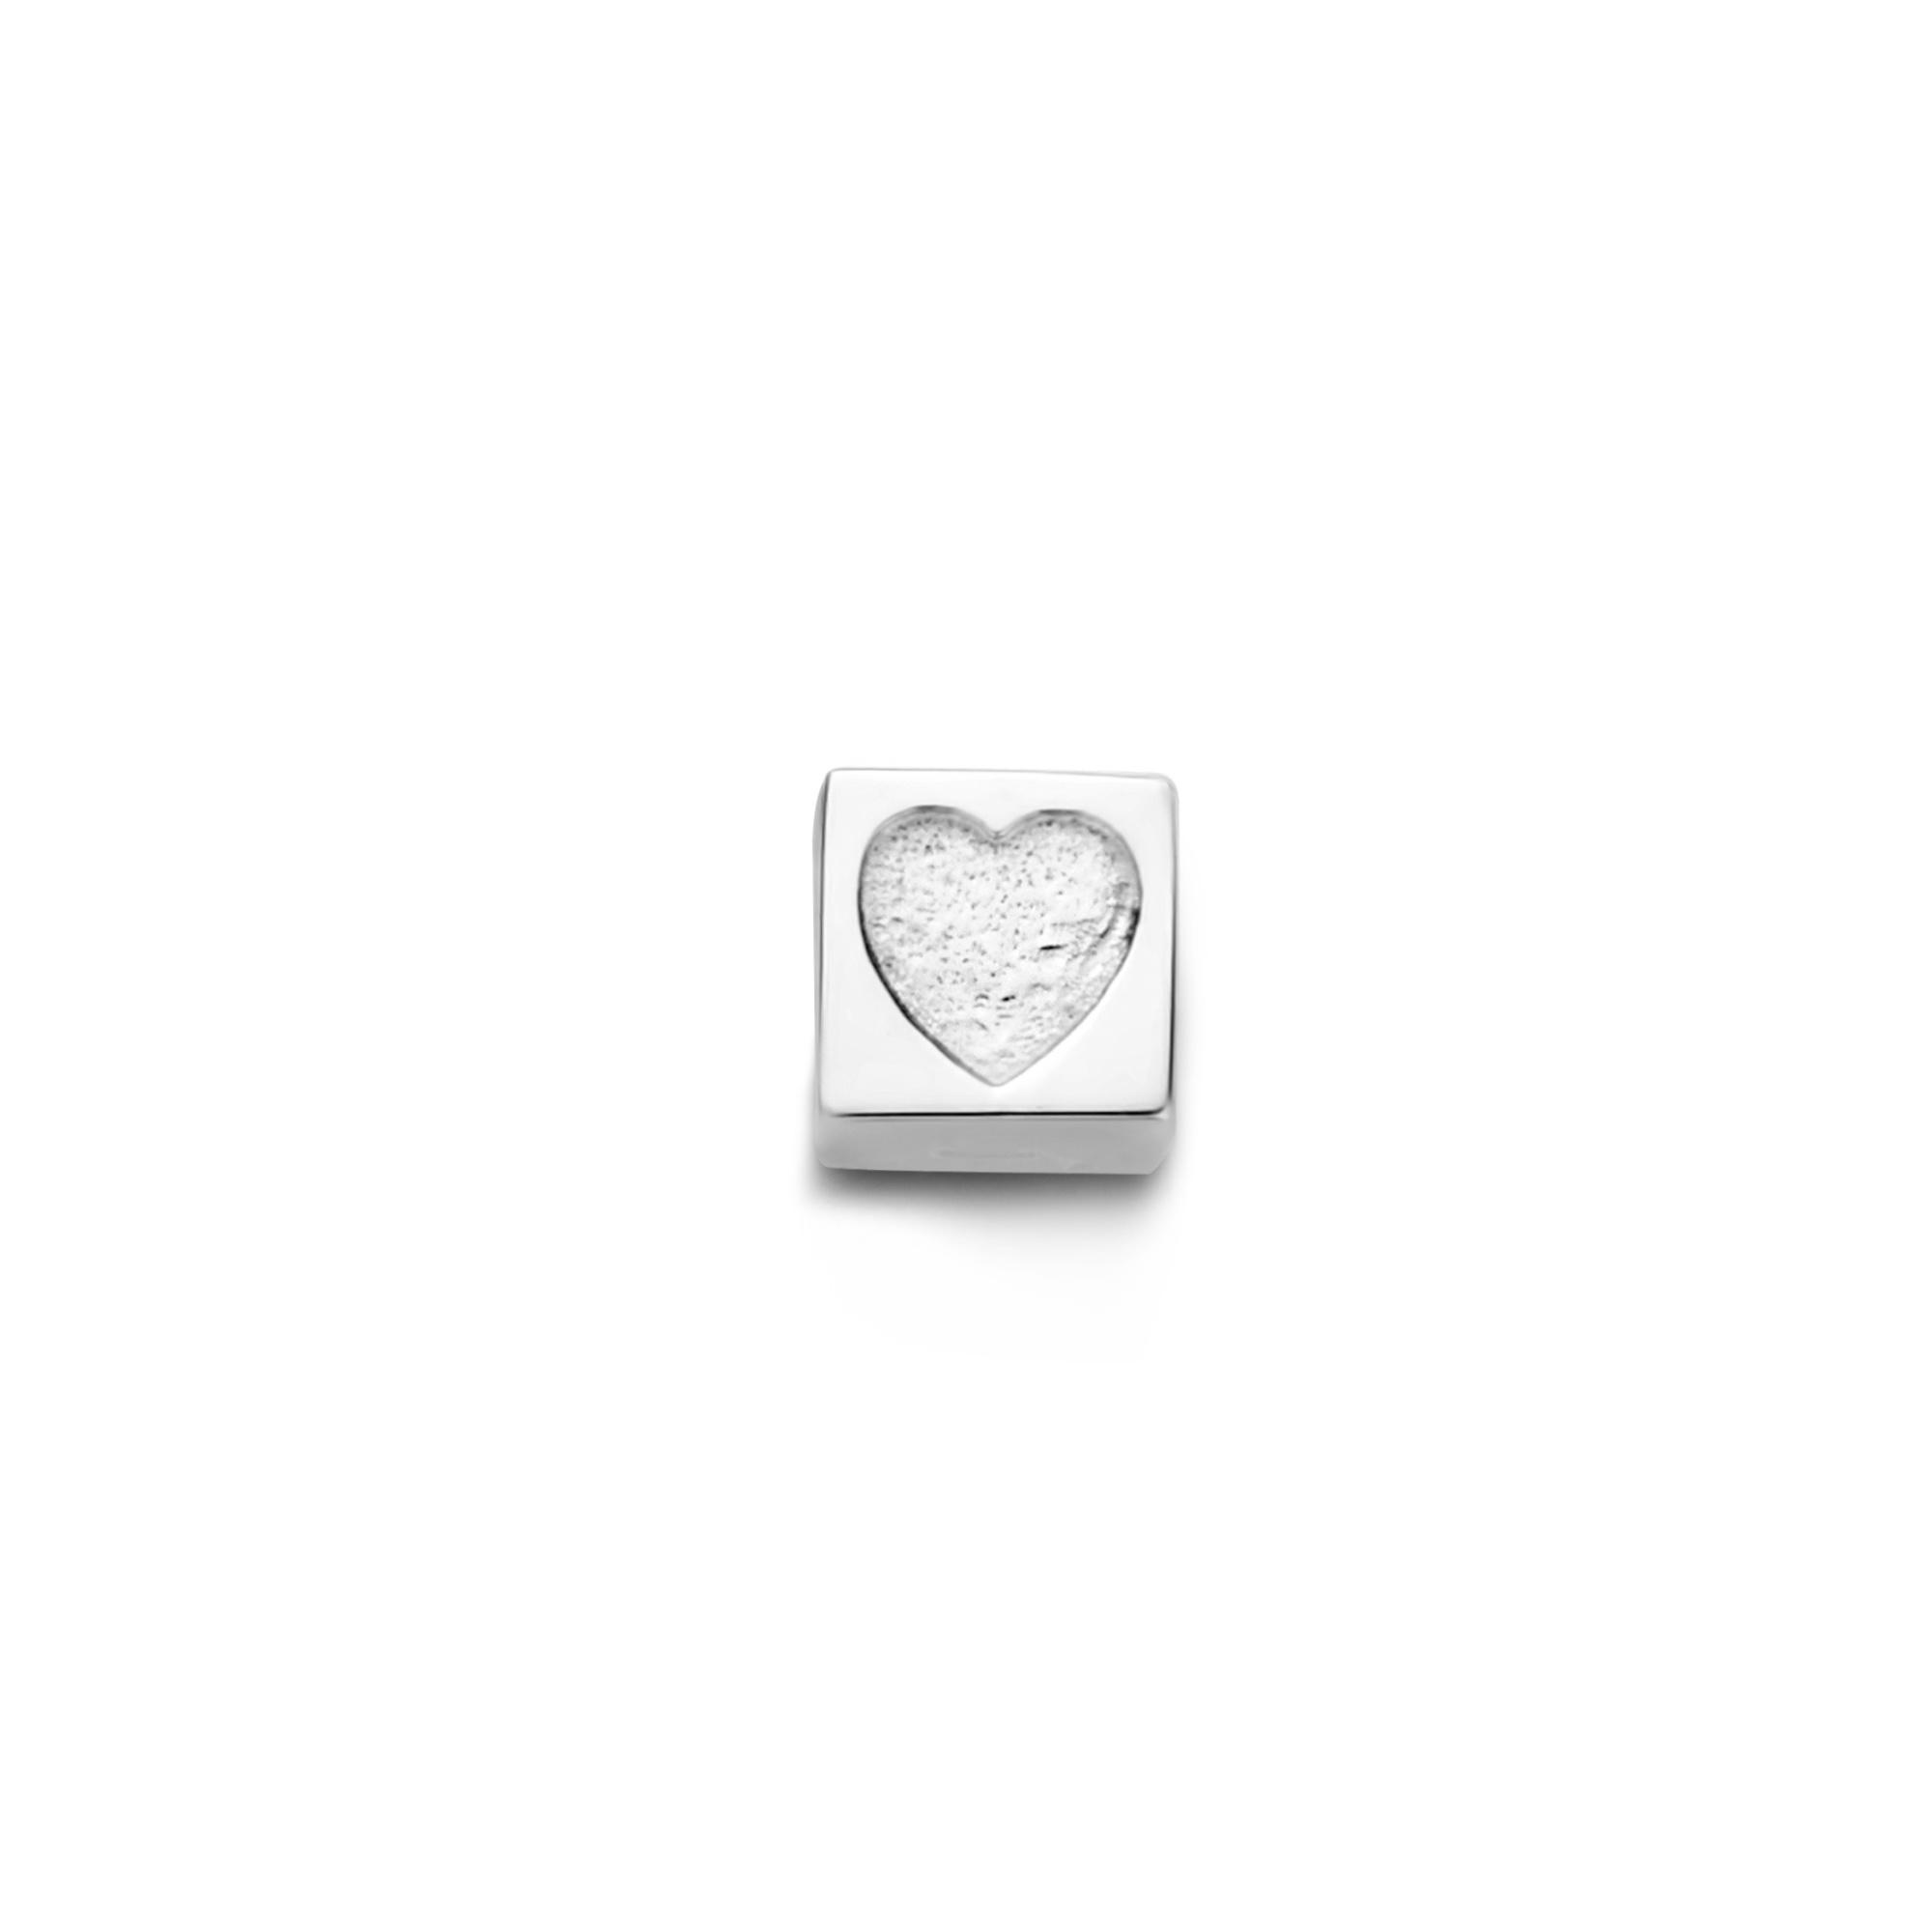 Isabel Bernard Saint Germain Felie 14 karaat witgouden kubus bedel met hartje